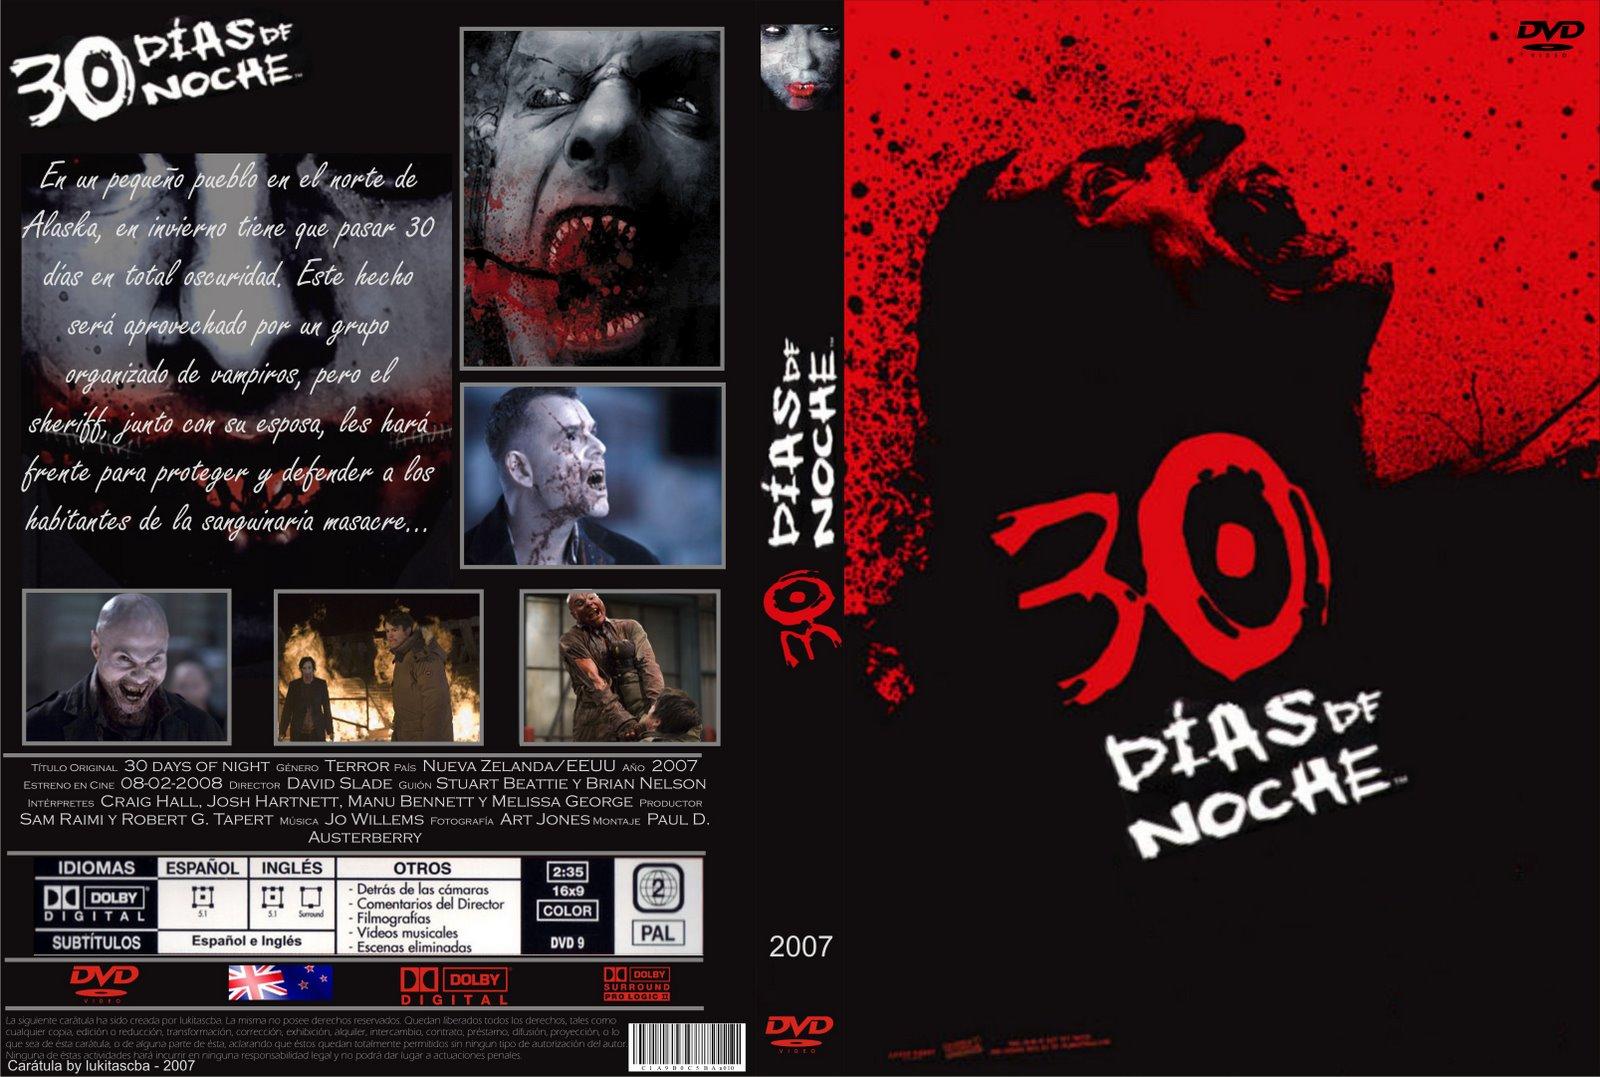 http://3.bp.blogspot.com/_k41GuCb6piY/TKvkYfx_jwI/AAAAAAAAAuI/ngUuuXx3h5A/s1600/30_Dias_De_Noche___Custom_por_lukitascba+-+dvd.jpg